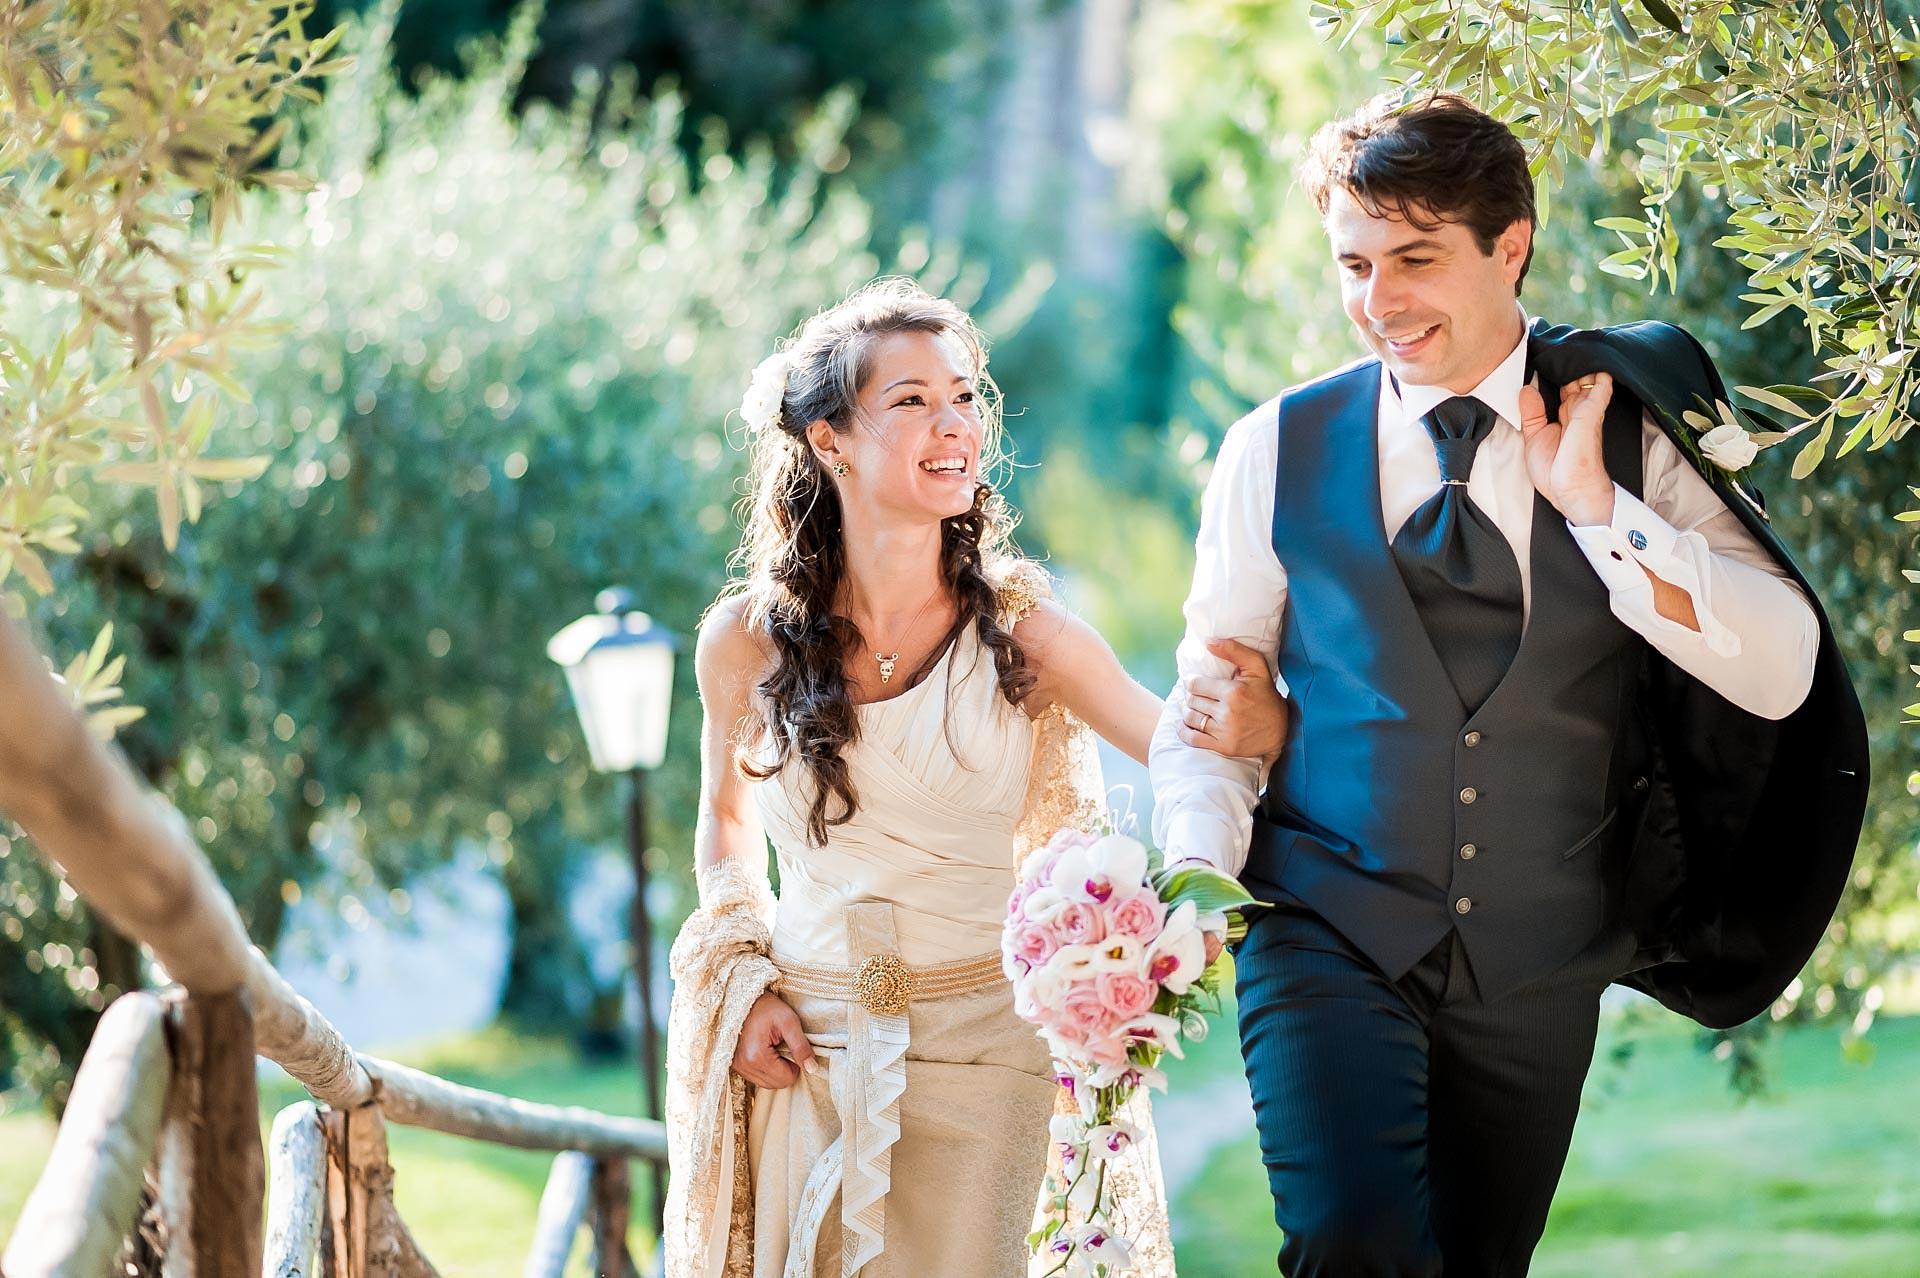 foto-ritratti-matrimonio-roma-10